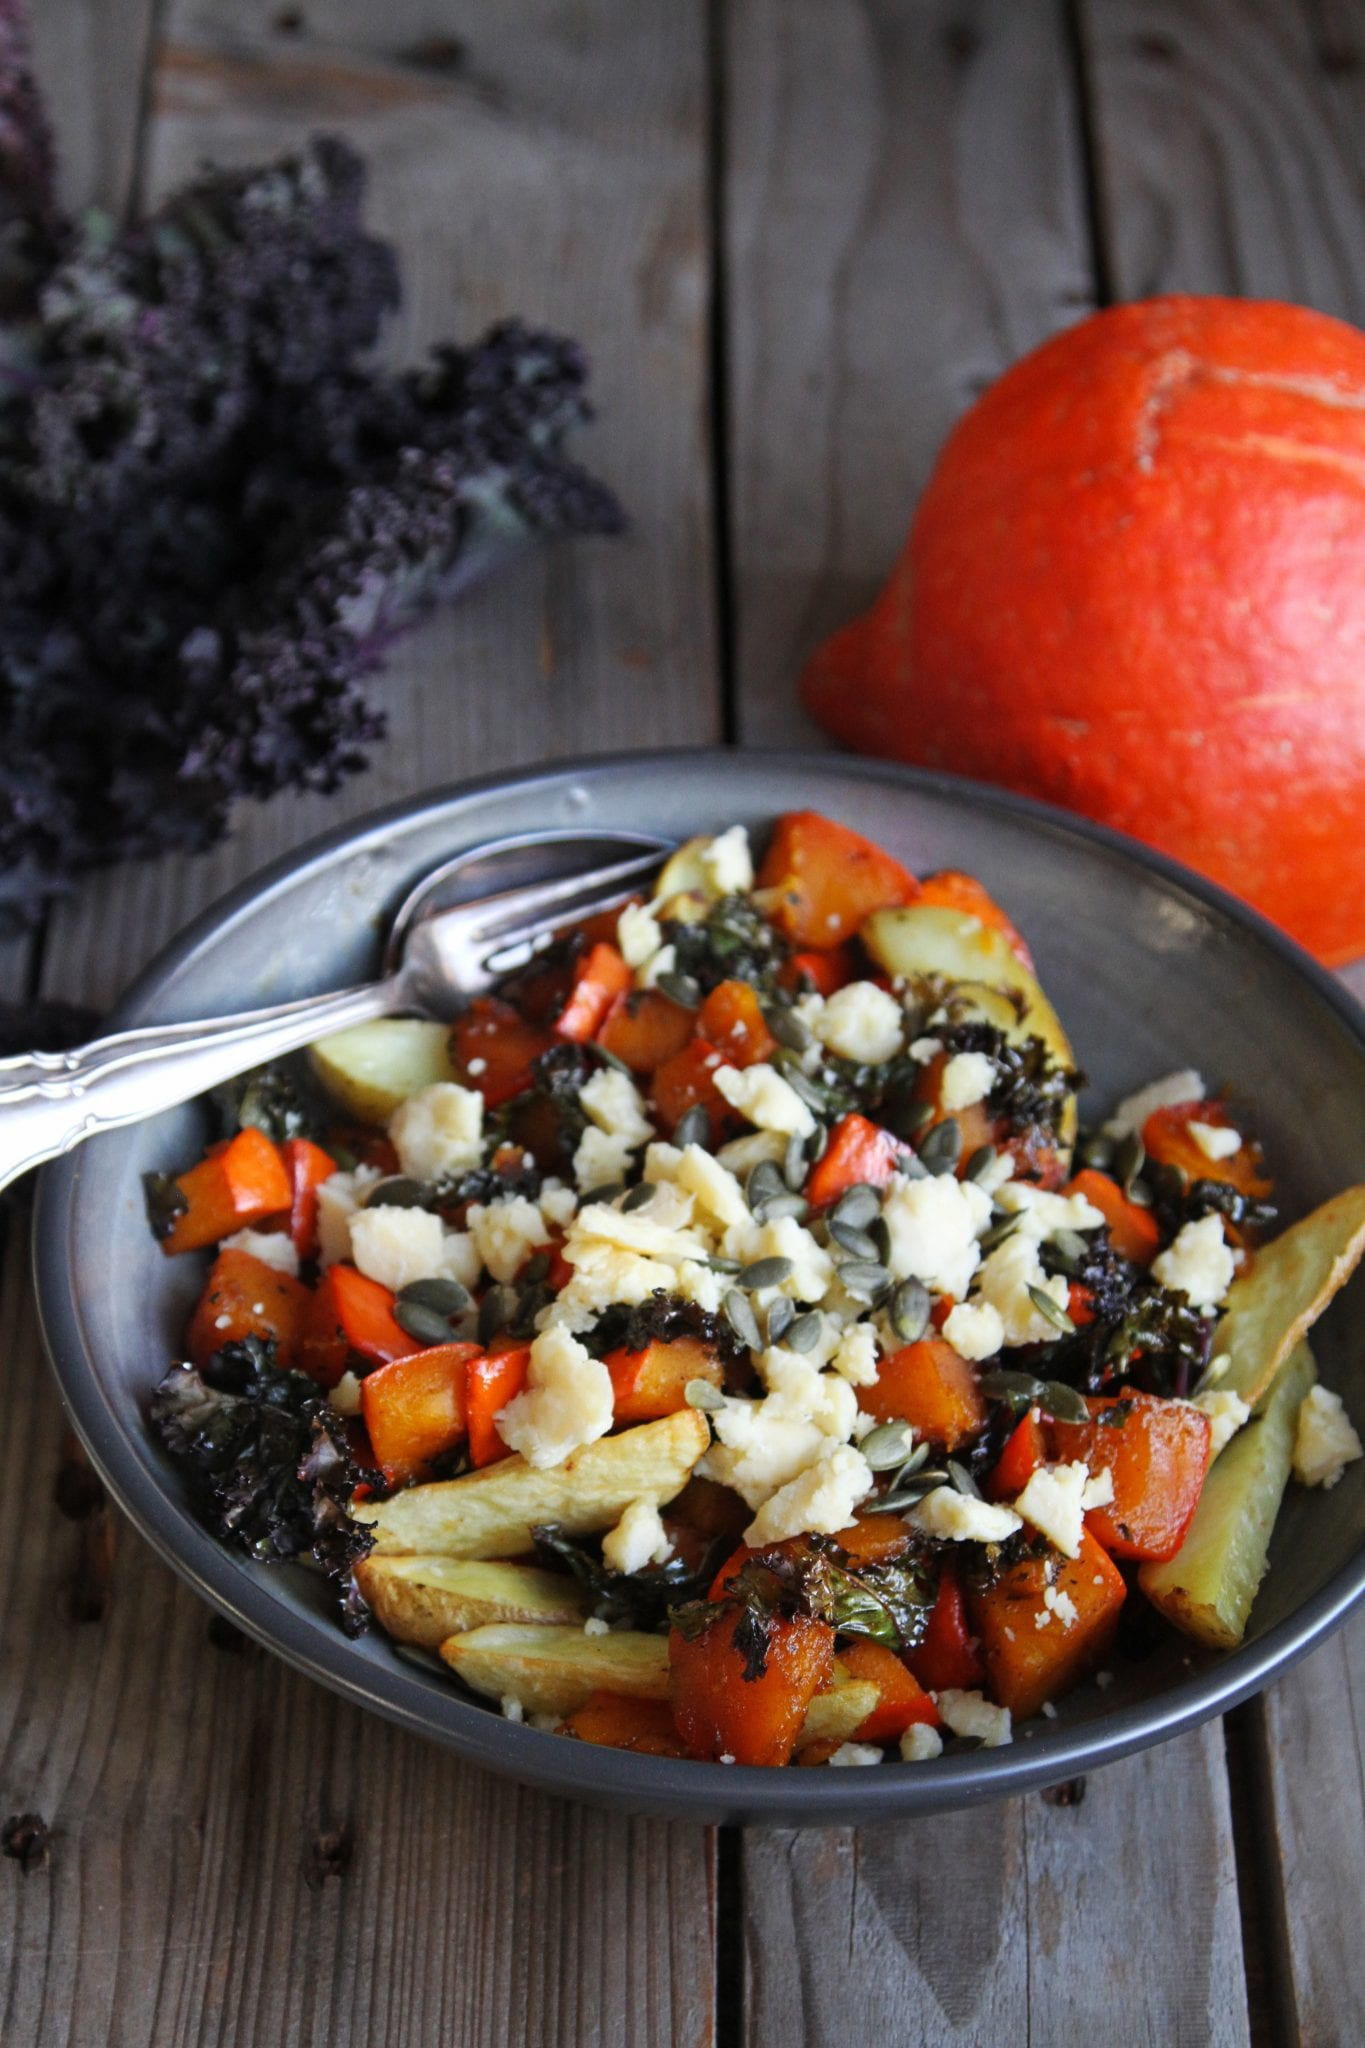 IMG 5385 Varm og spicy vintersalat med grønkål, kartofler og græskar